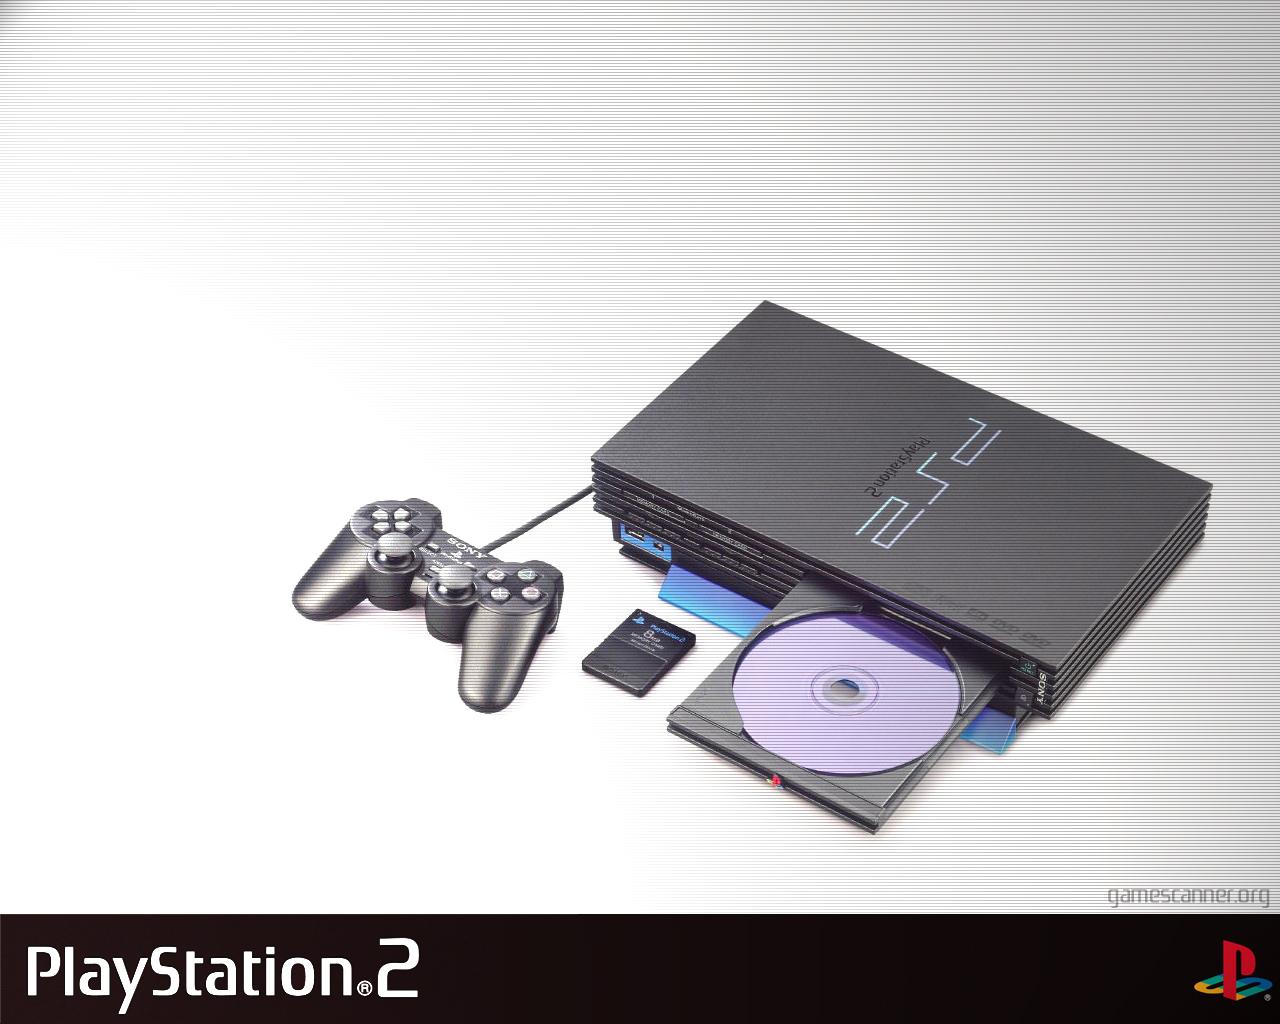 Playstation 2 2 Wallpaper